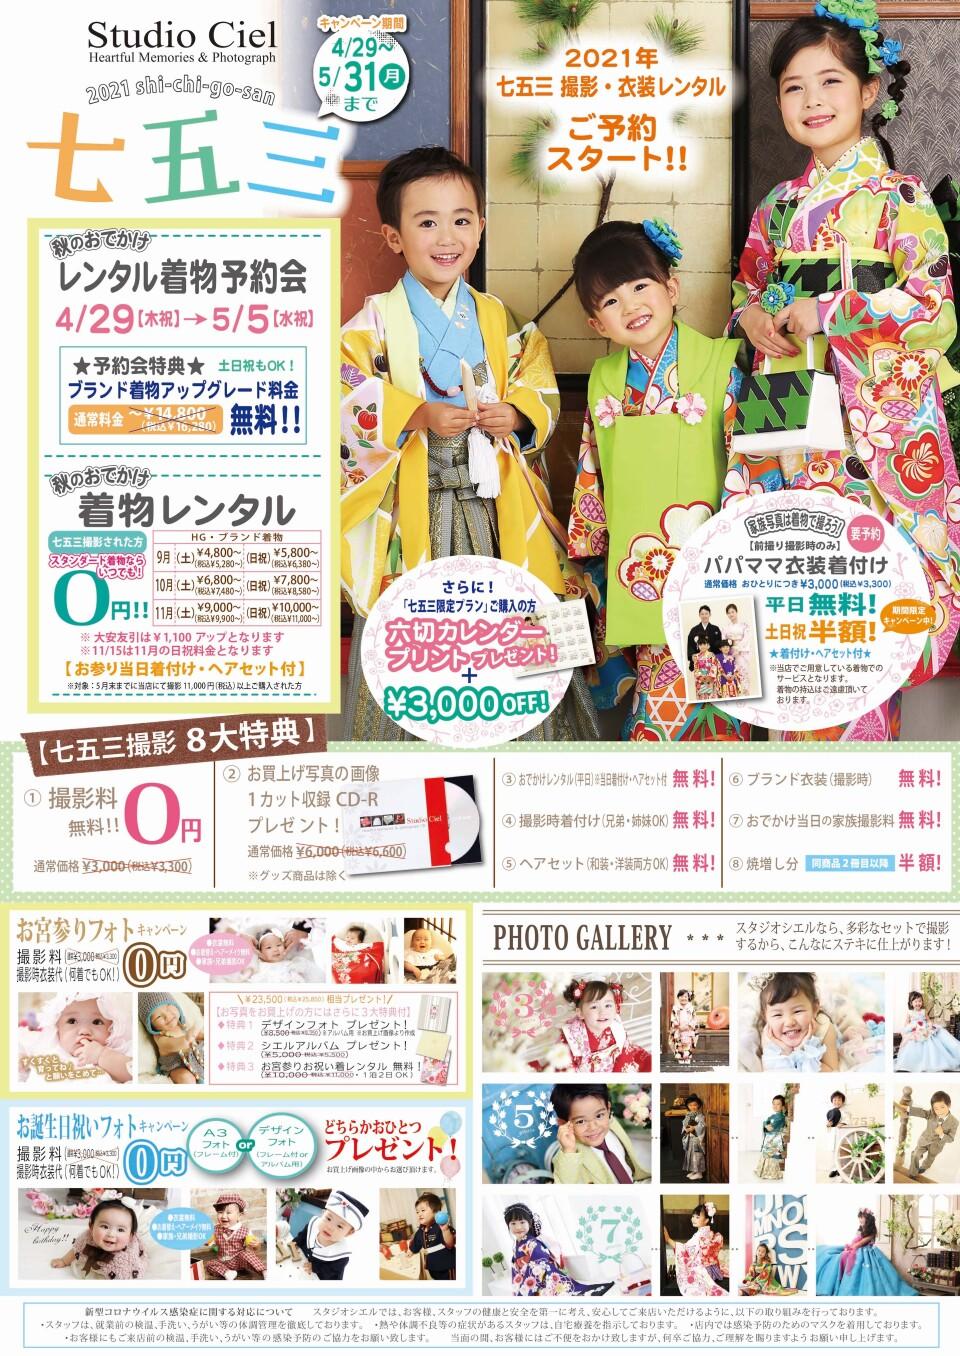 studio-ciel_omote_20210423_neyagawa_izumisano_web